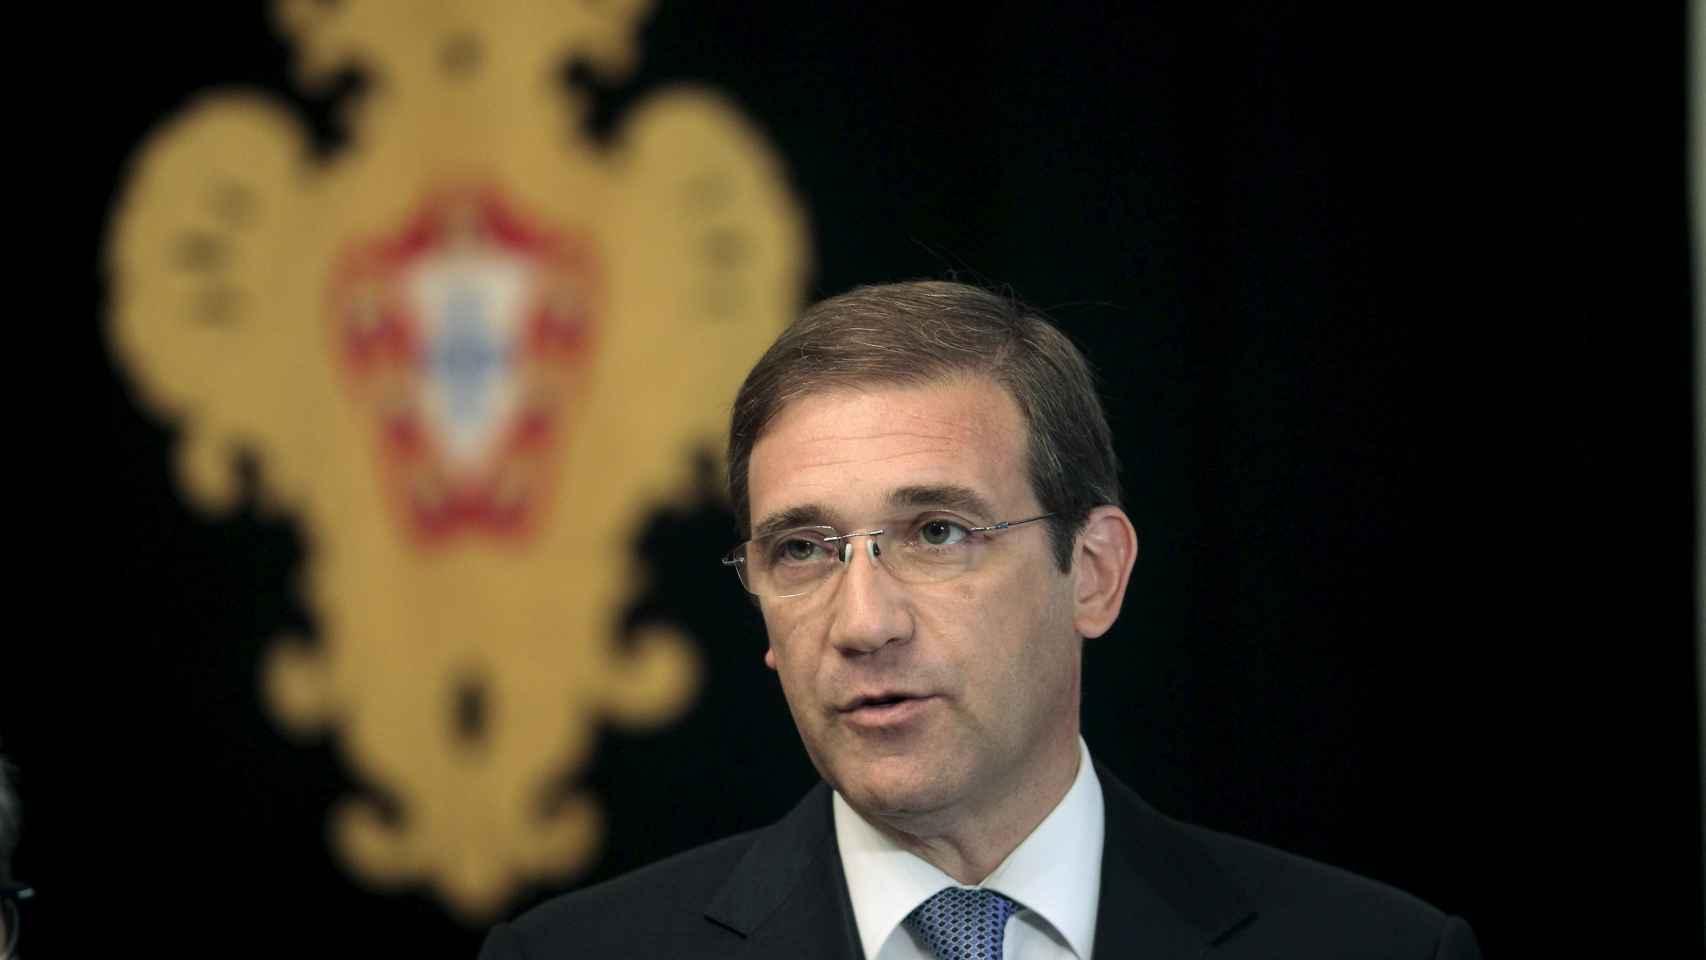 Pedro Passos Coelho, primer ministro de Portugal.